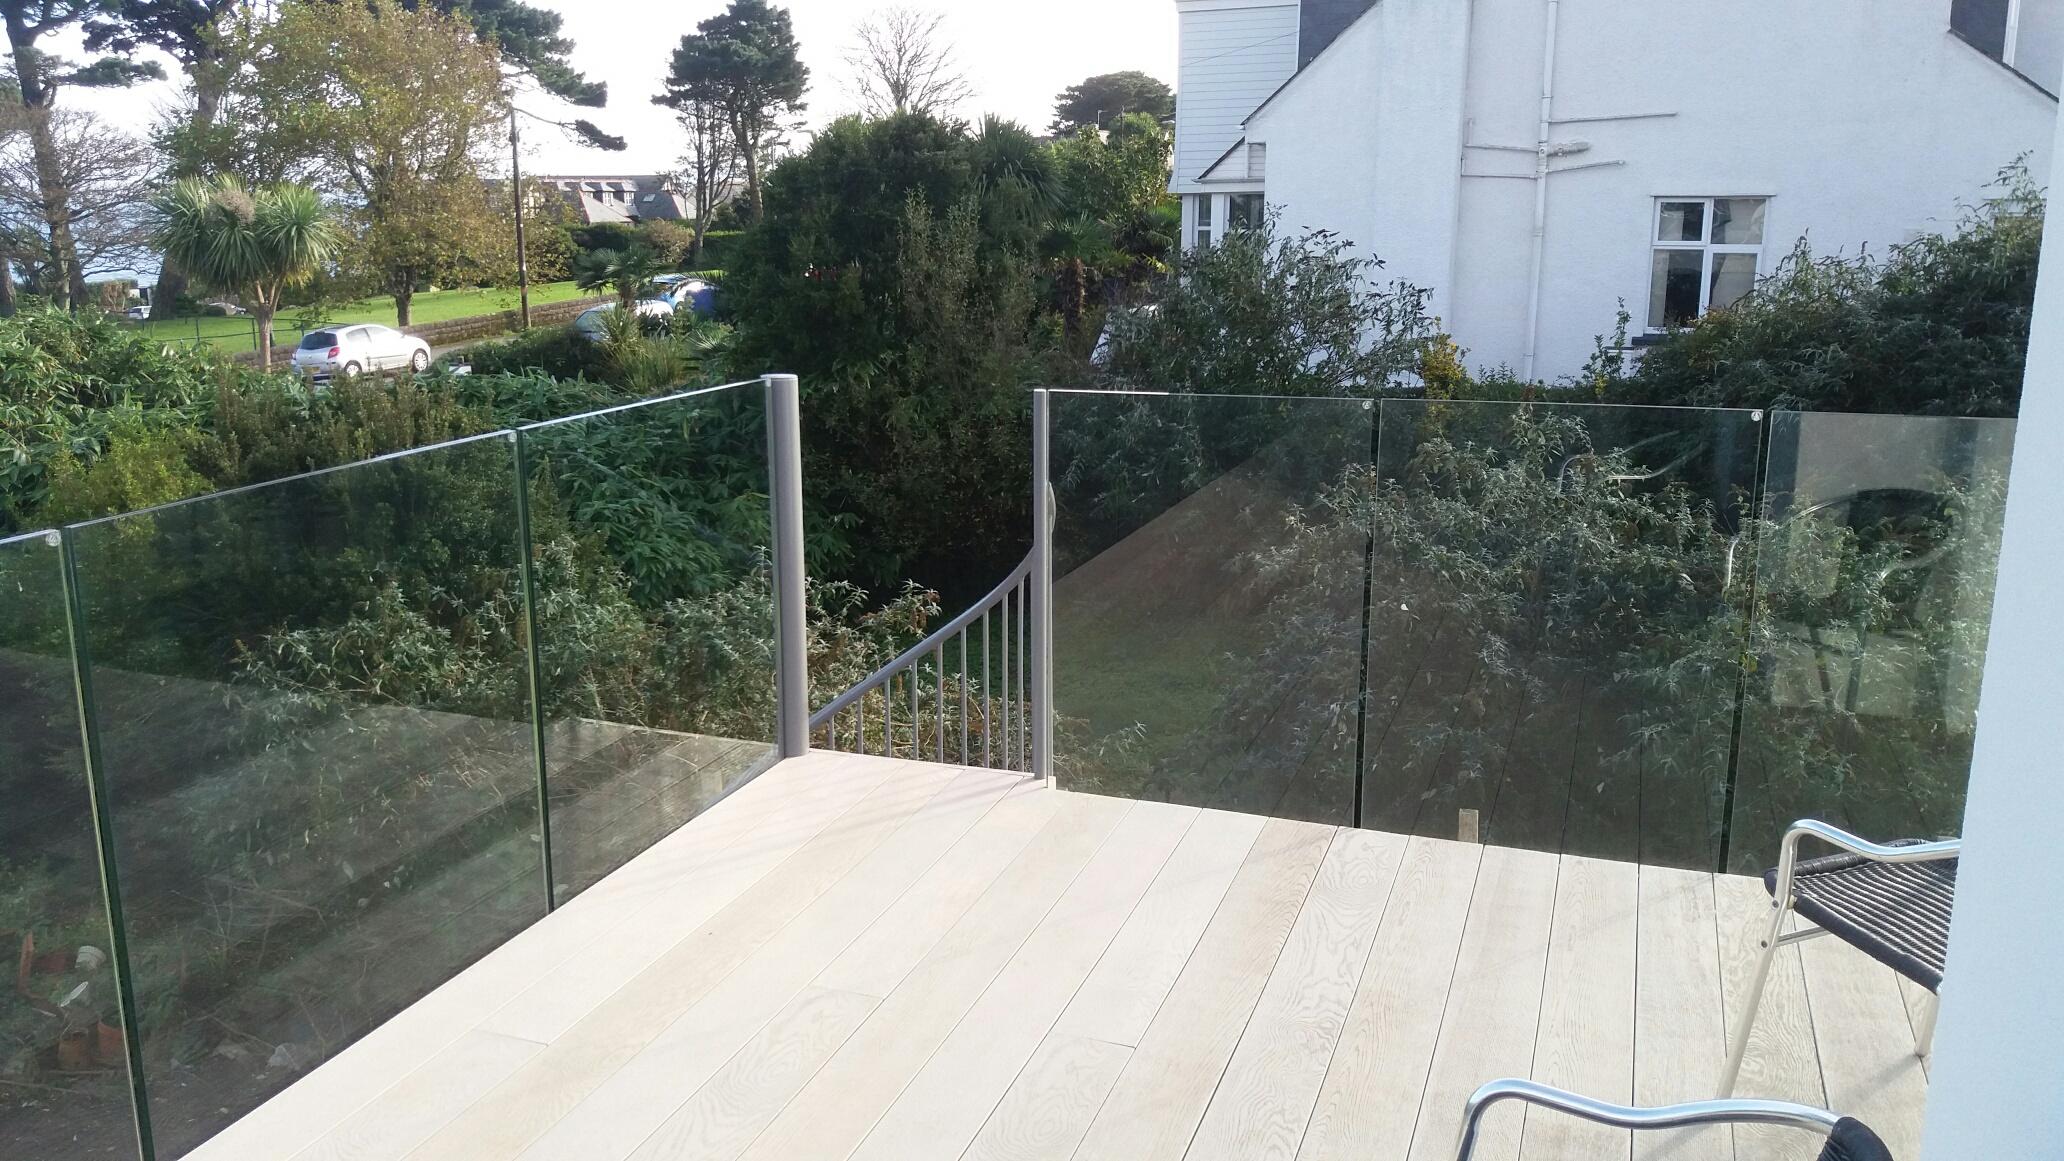 Balcony at spernen Wyn